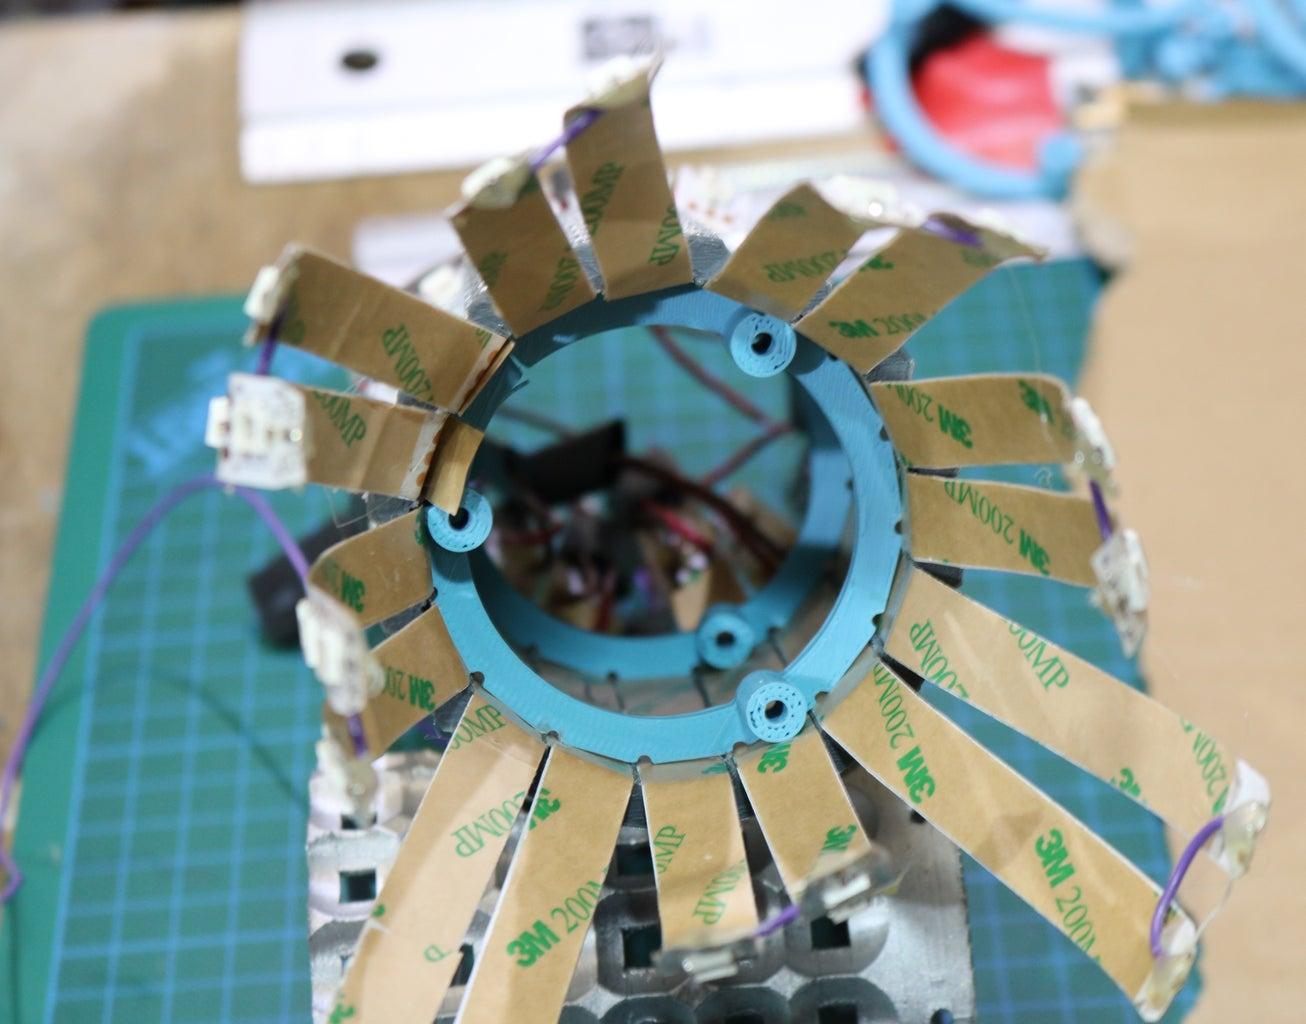 LEDs Assembly Part 1